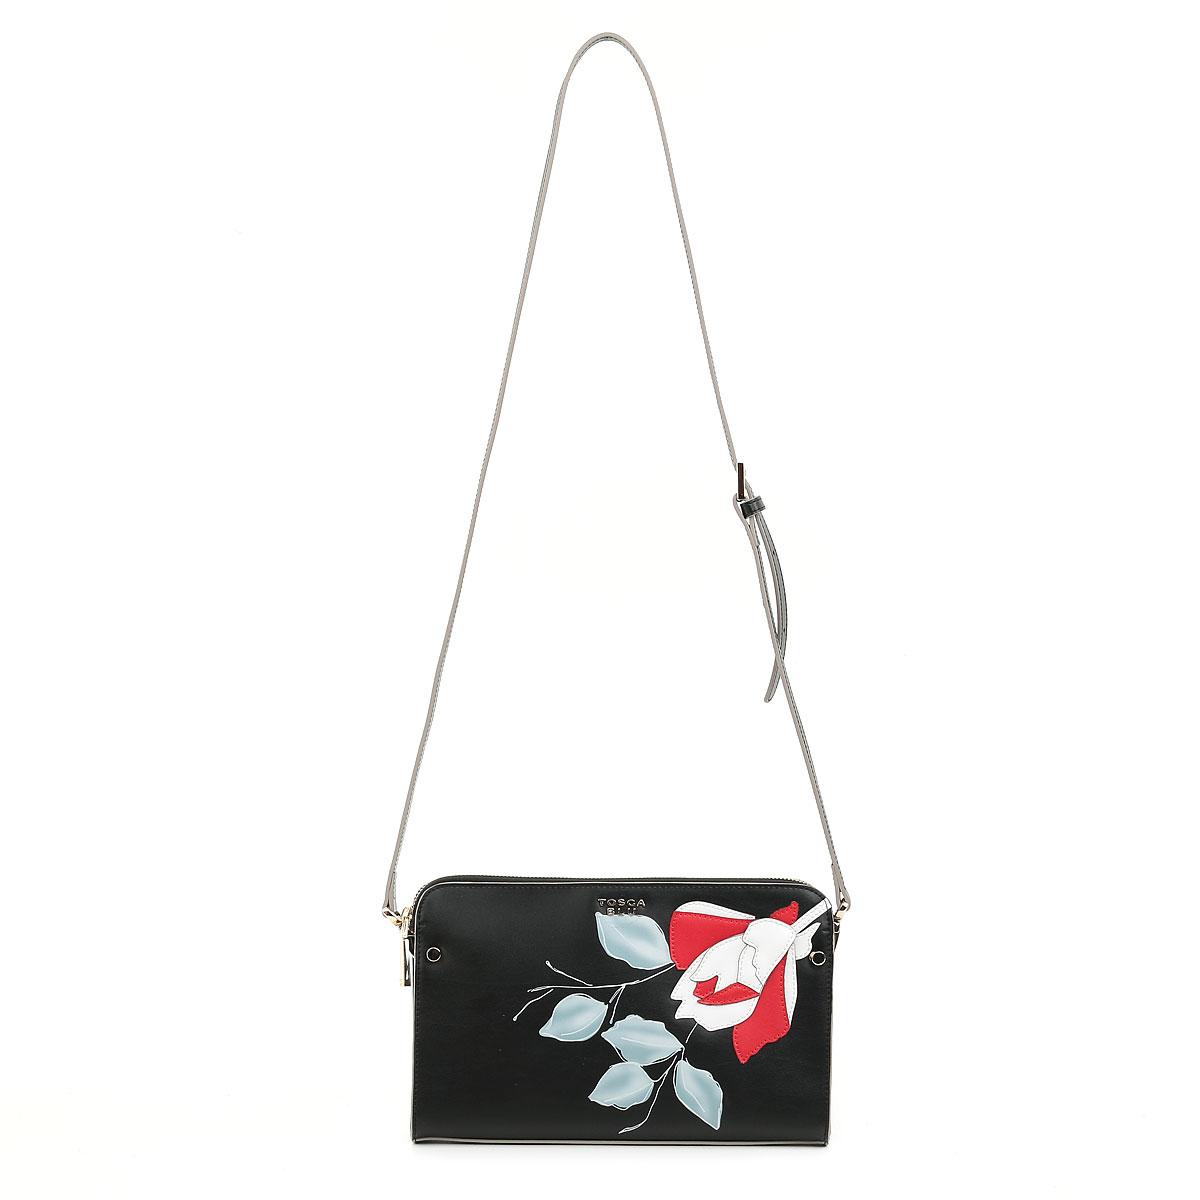 25de13d09d67 Купить чёрный клатч Tosca blu в интернет-магазине Bagroom